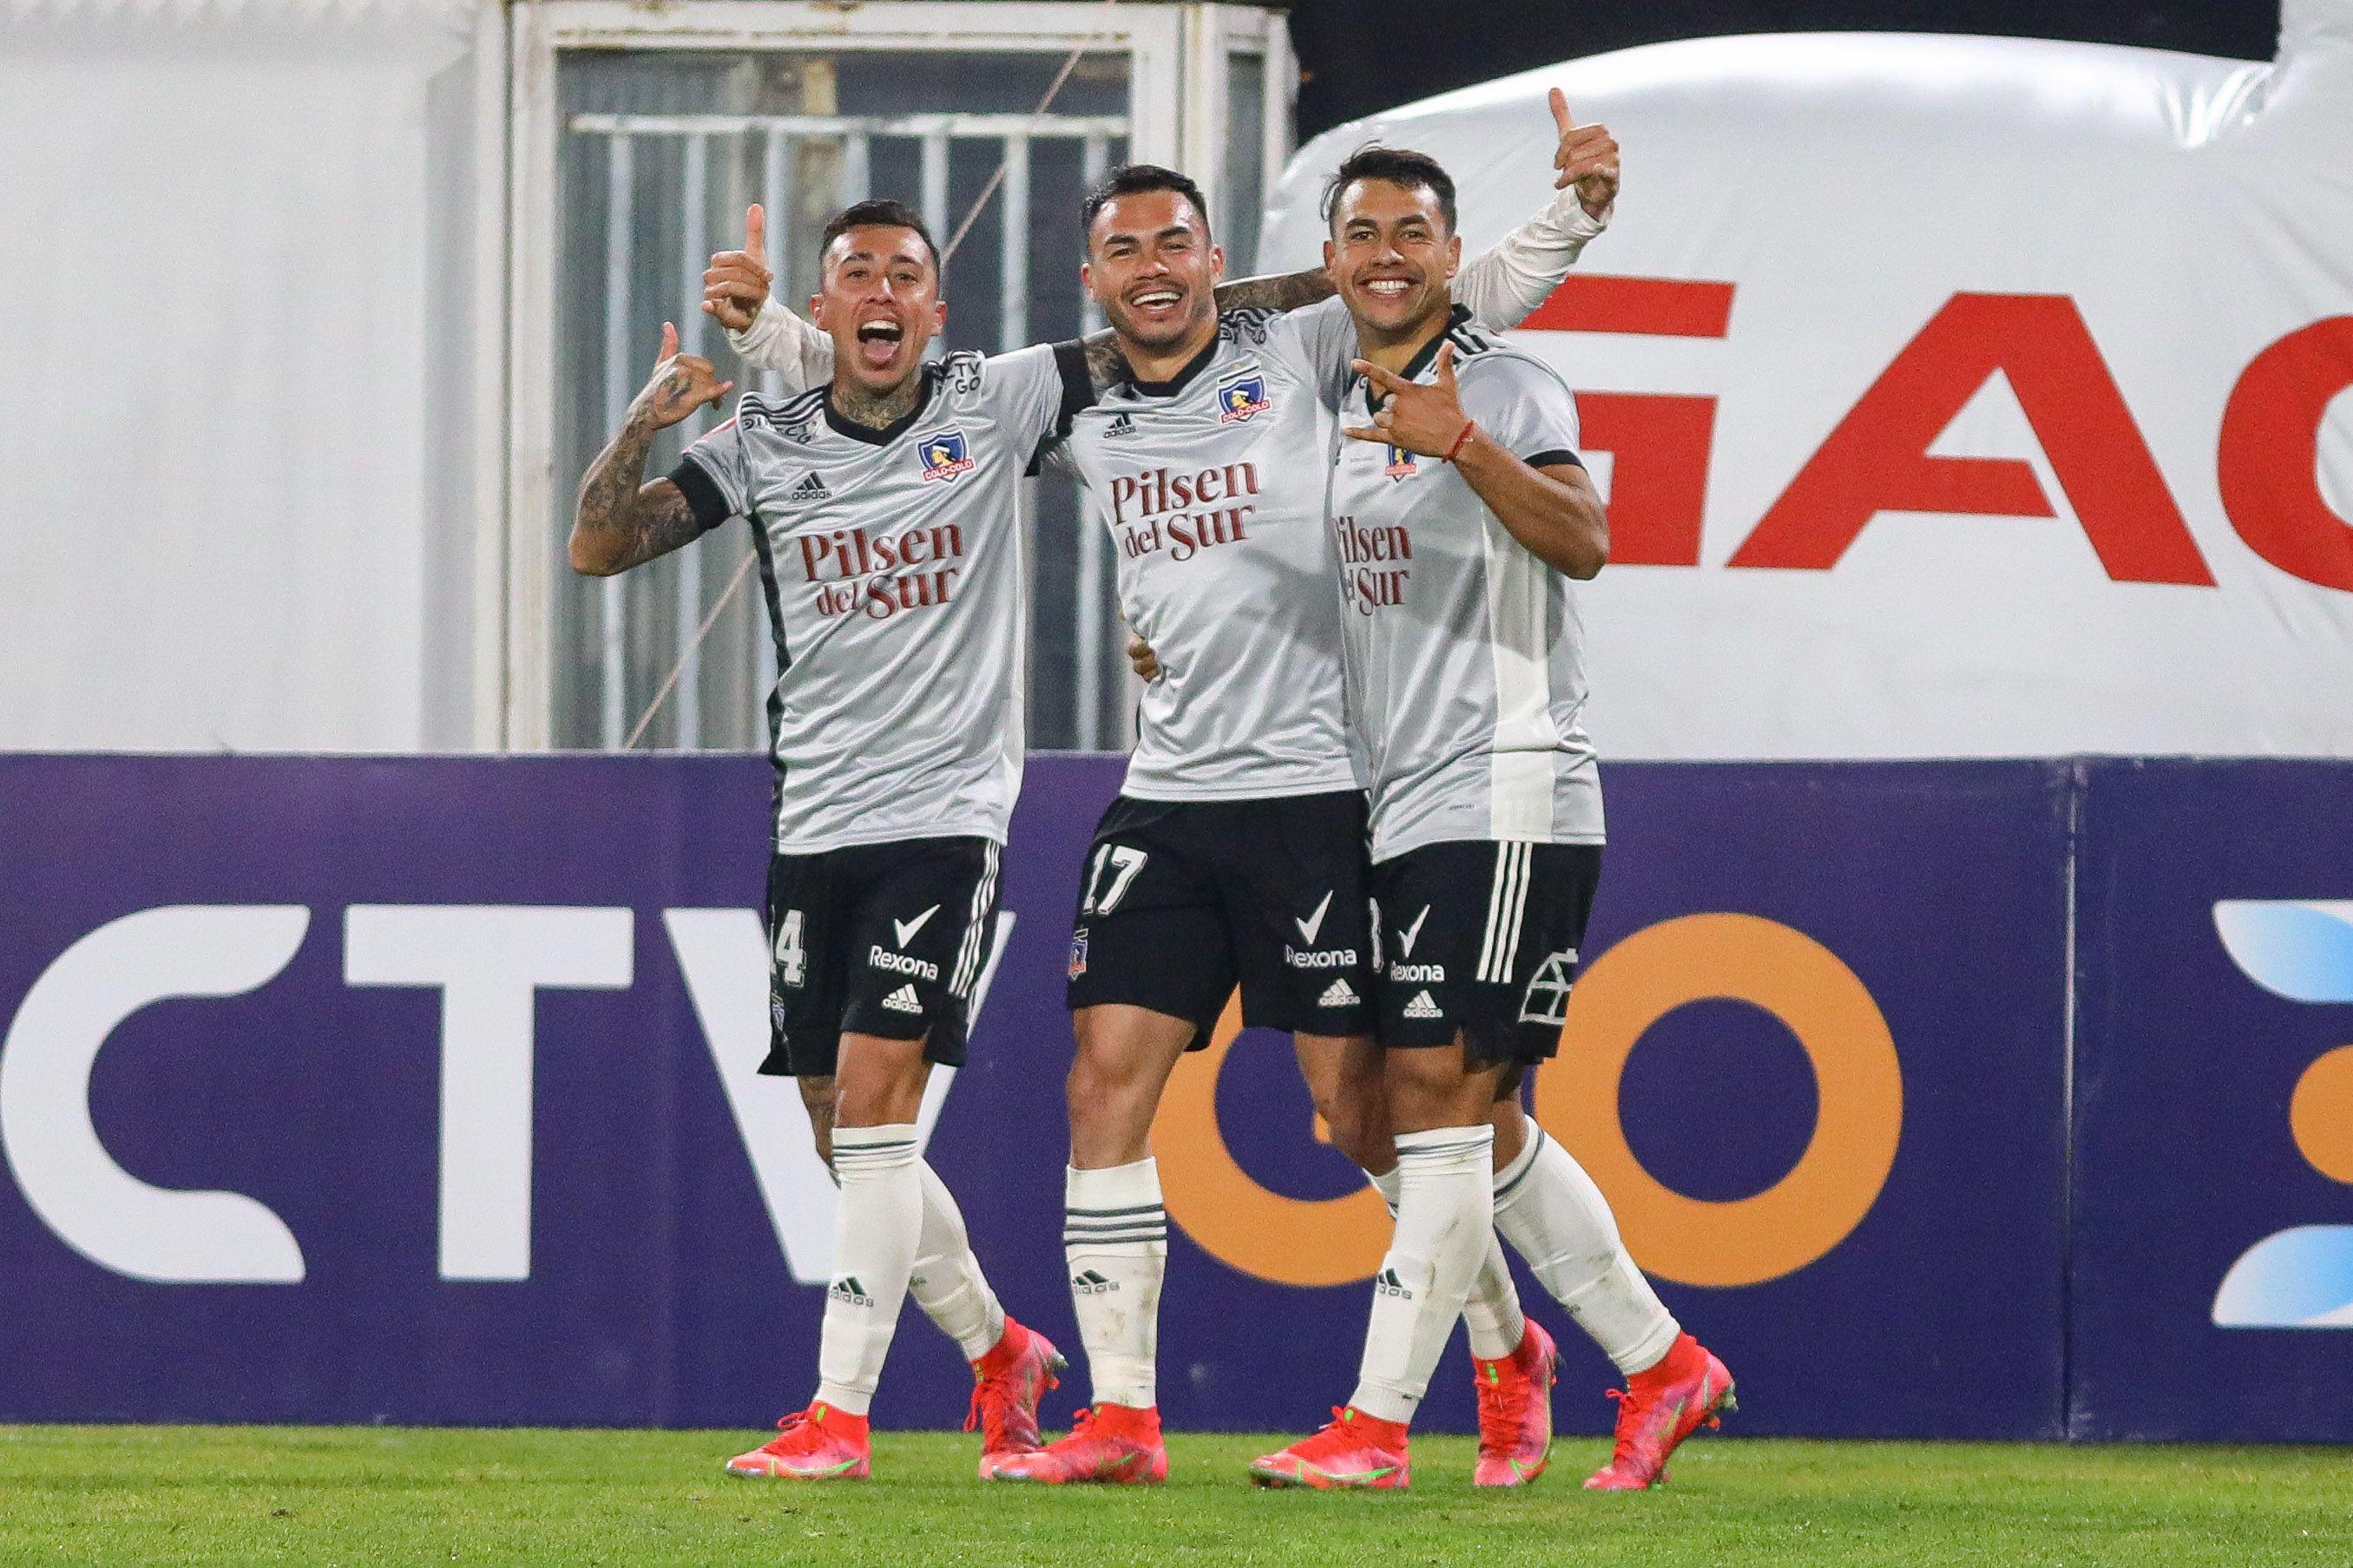 Colo Colo saca la tarea con susto ante Palestino y se instala en semifinales de la Copa Chile - La Tercera